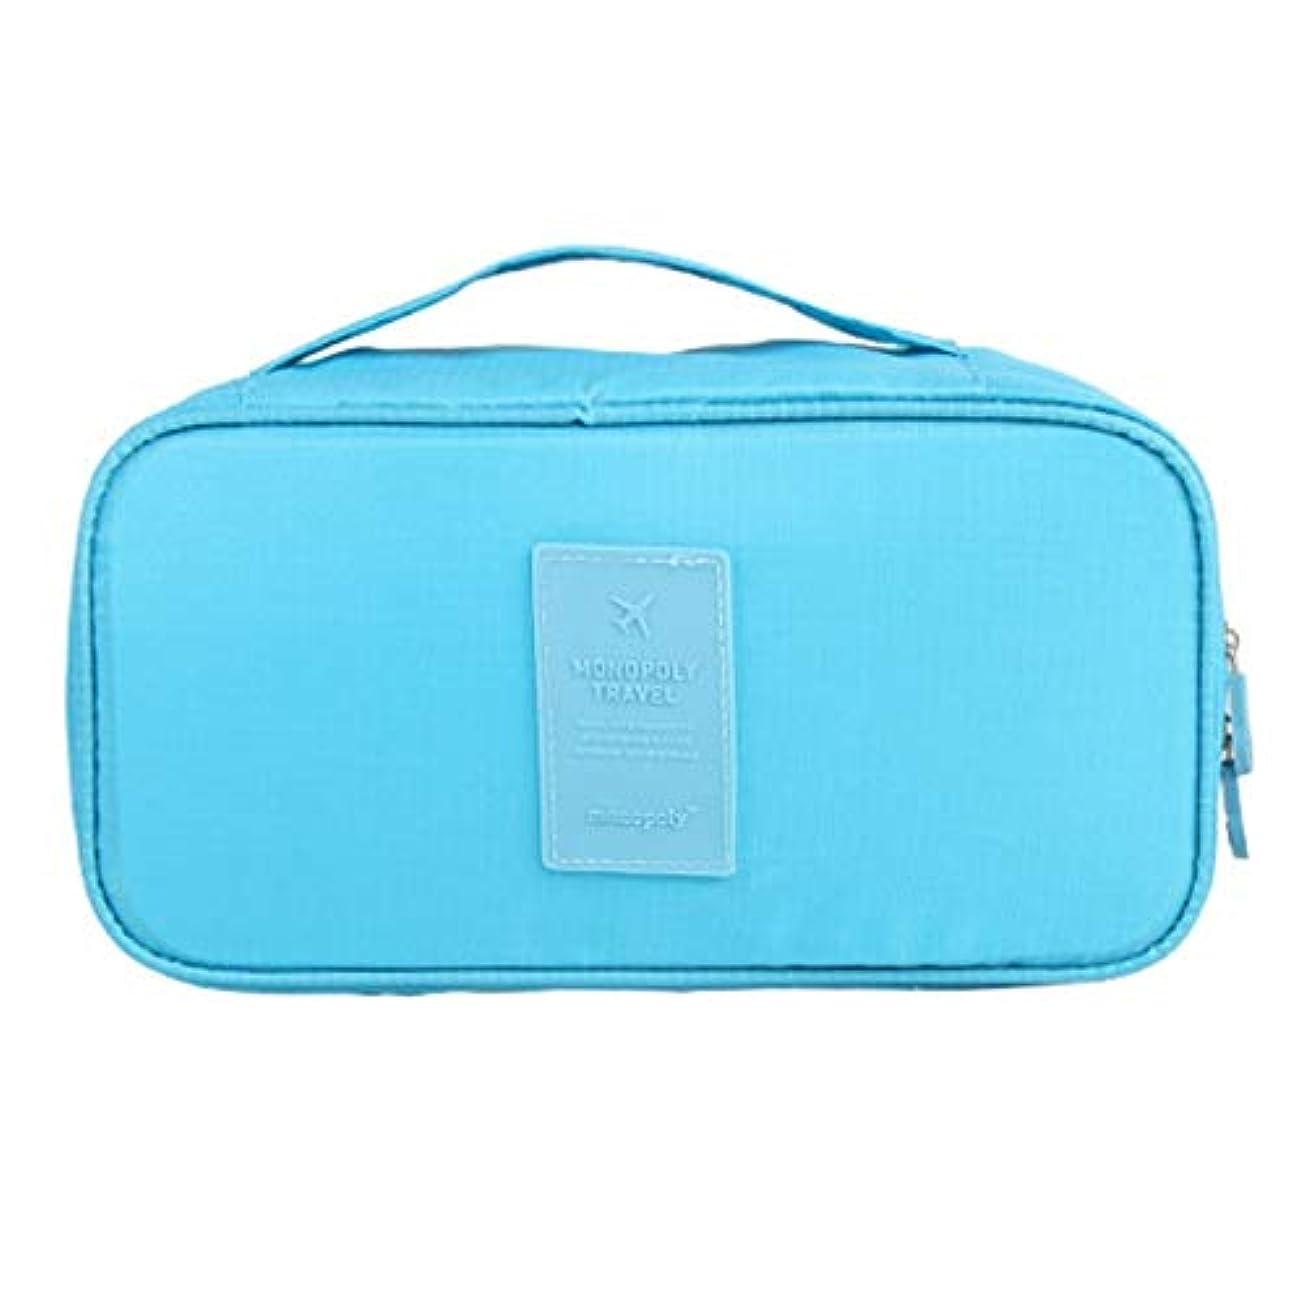 麻痺させる取り壊すお金ゴム化粧オーガナイザーバッグ 旅行用品旅行用シェービングヘアバッグ 化粧品ケース (色 : 青)